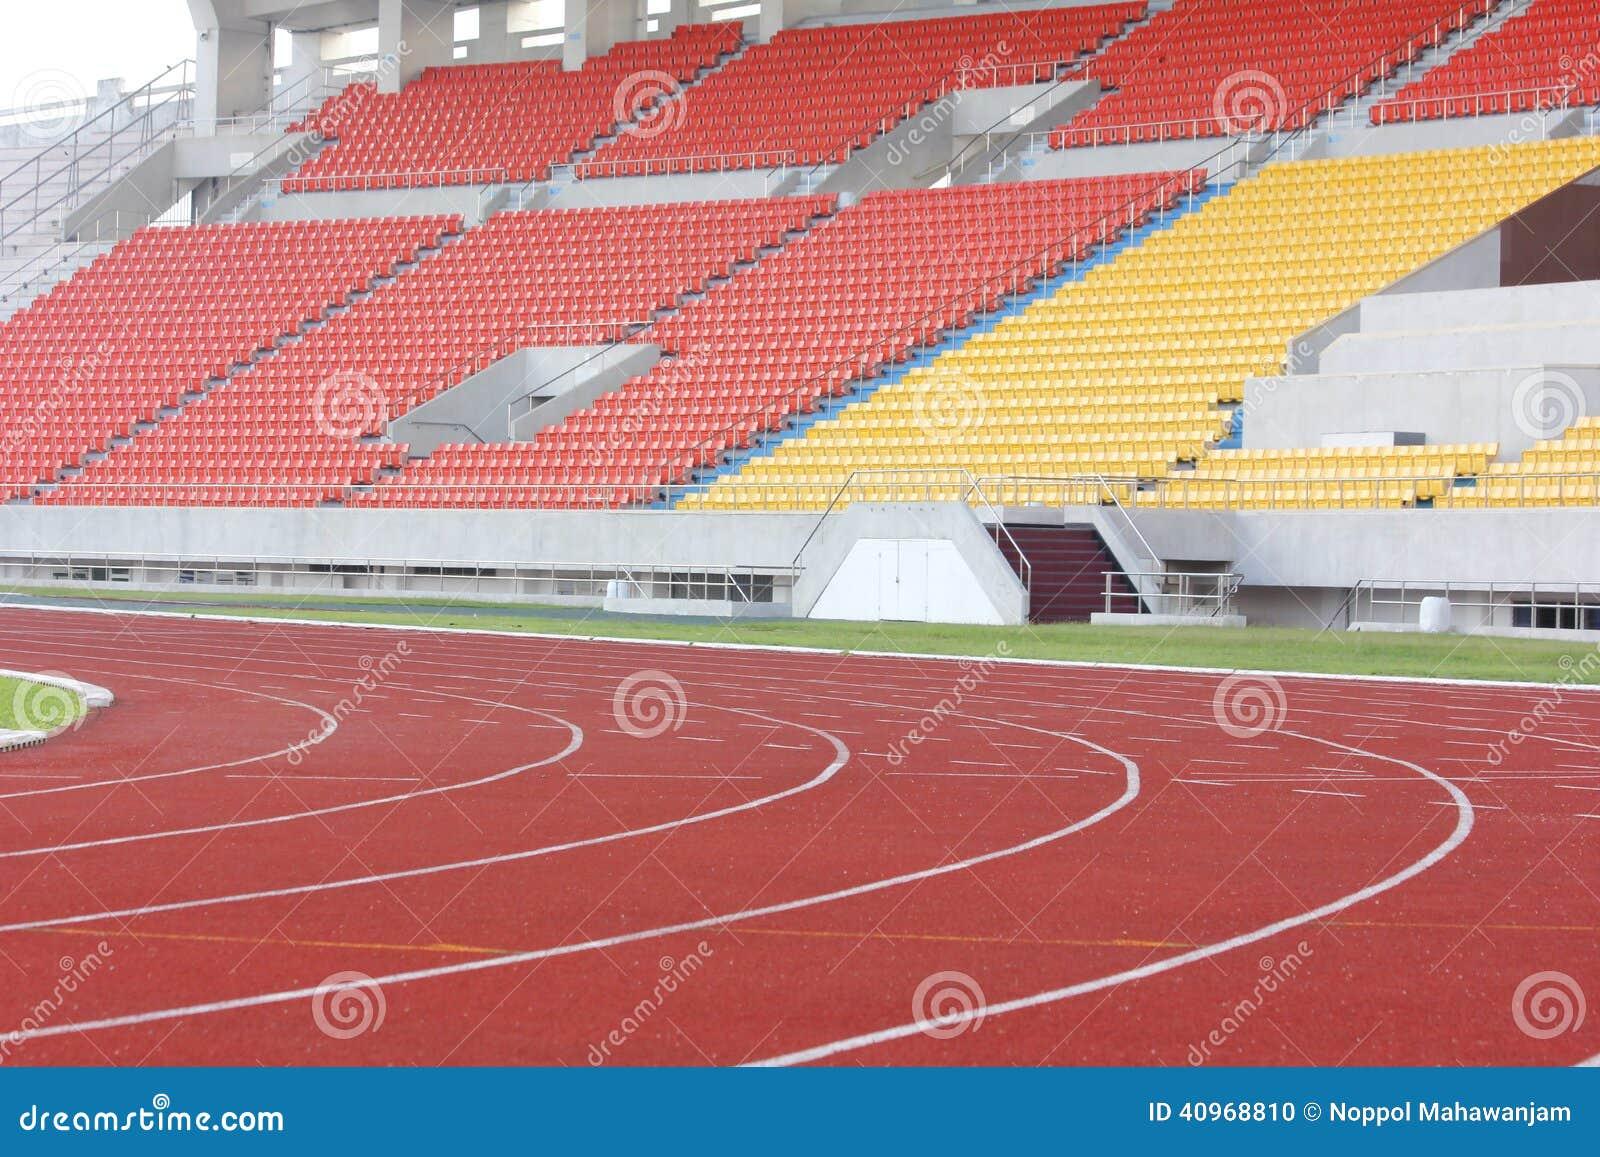 Stadium stand and running track